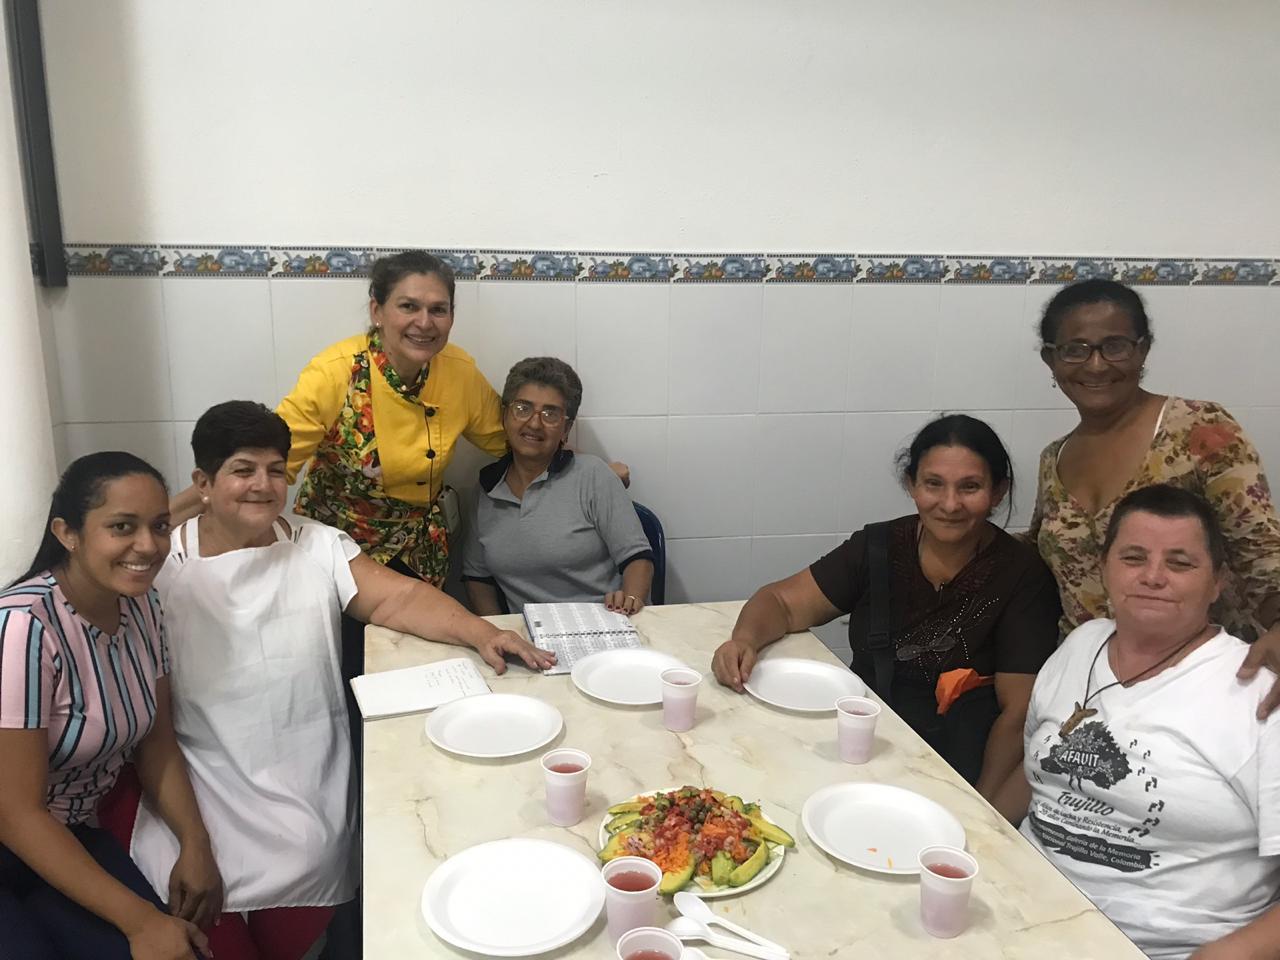 Nuestras organizaciones sociales tuvieron un taller de comida saludable